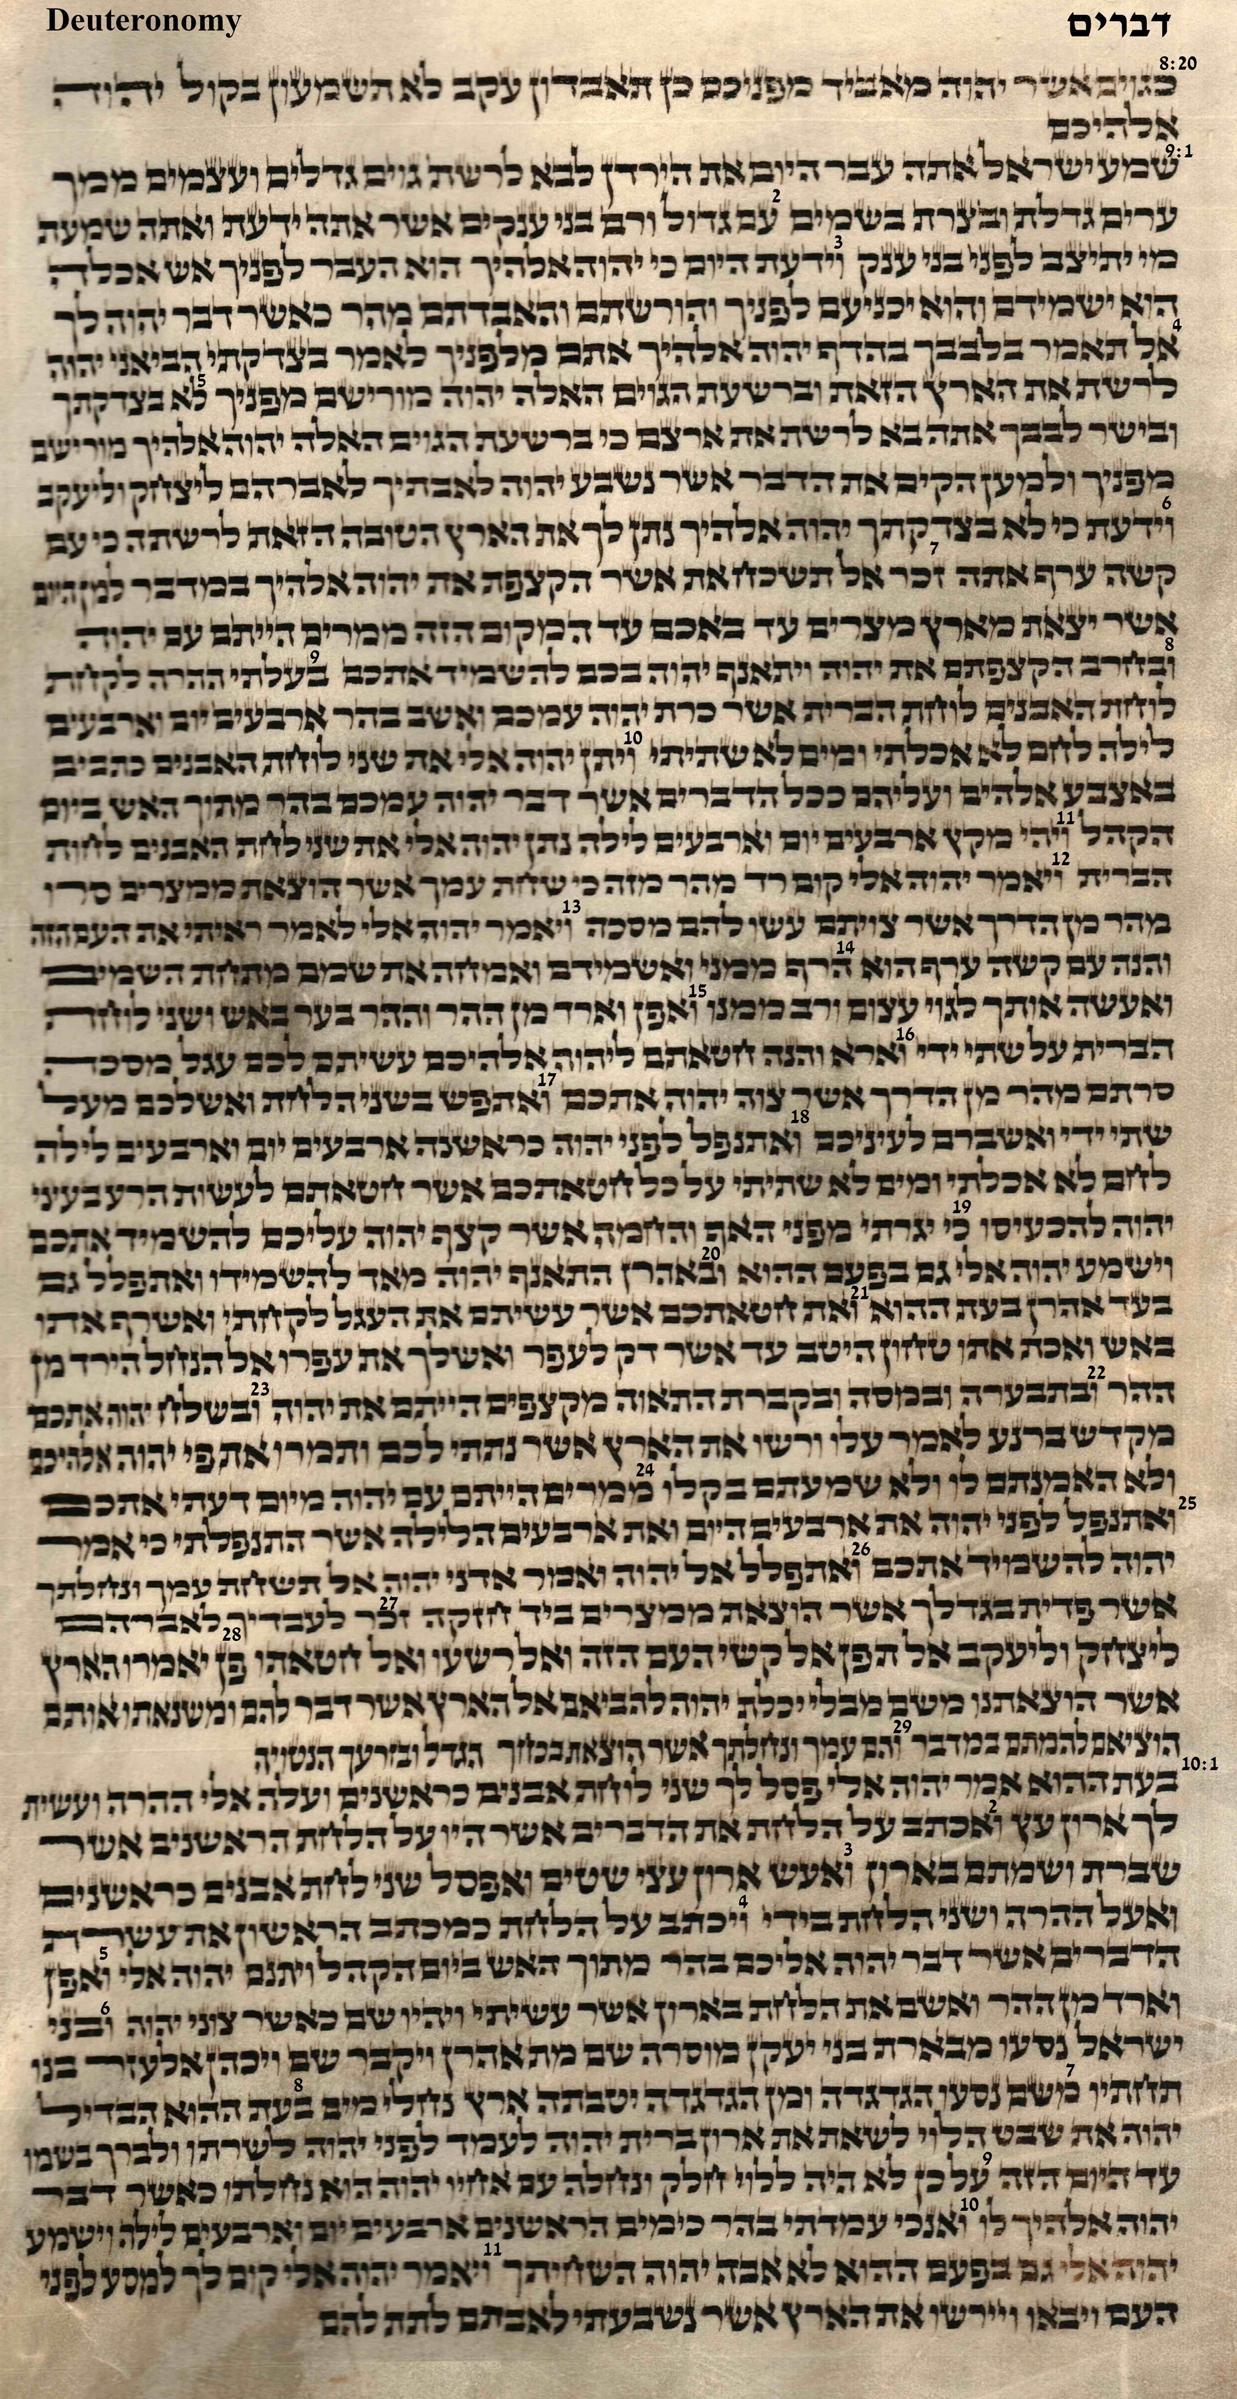 Deuteronomy 8.20 - 10.11